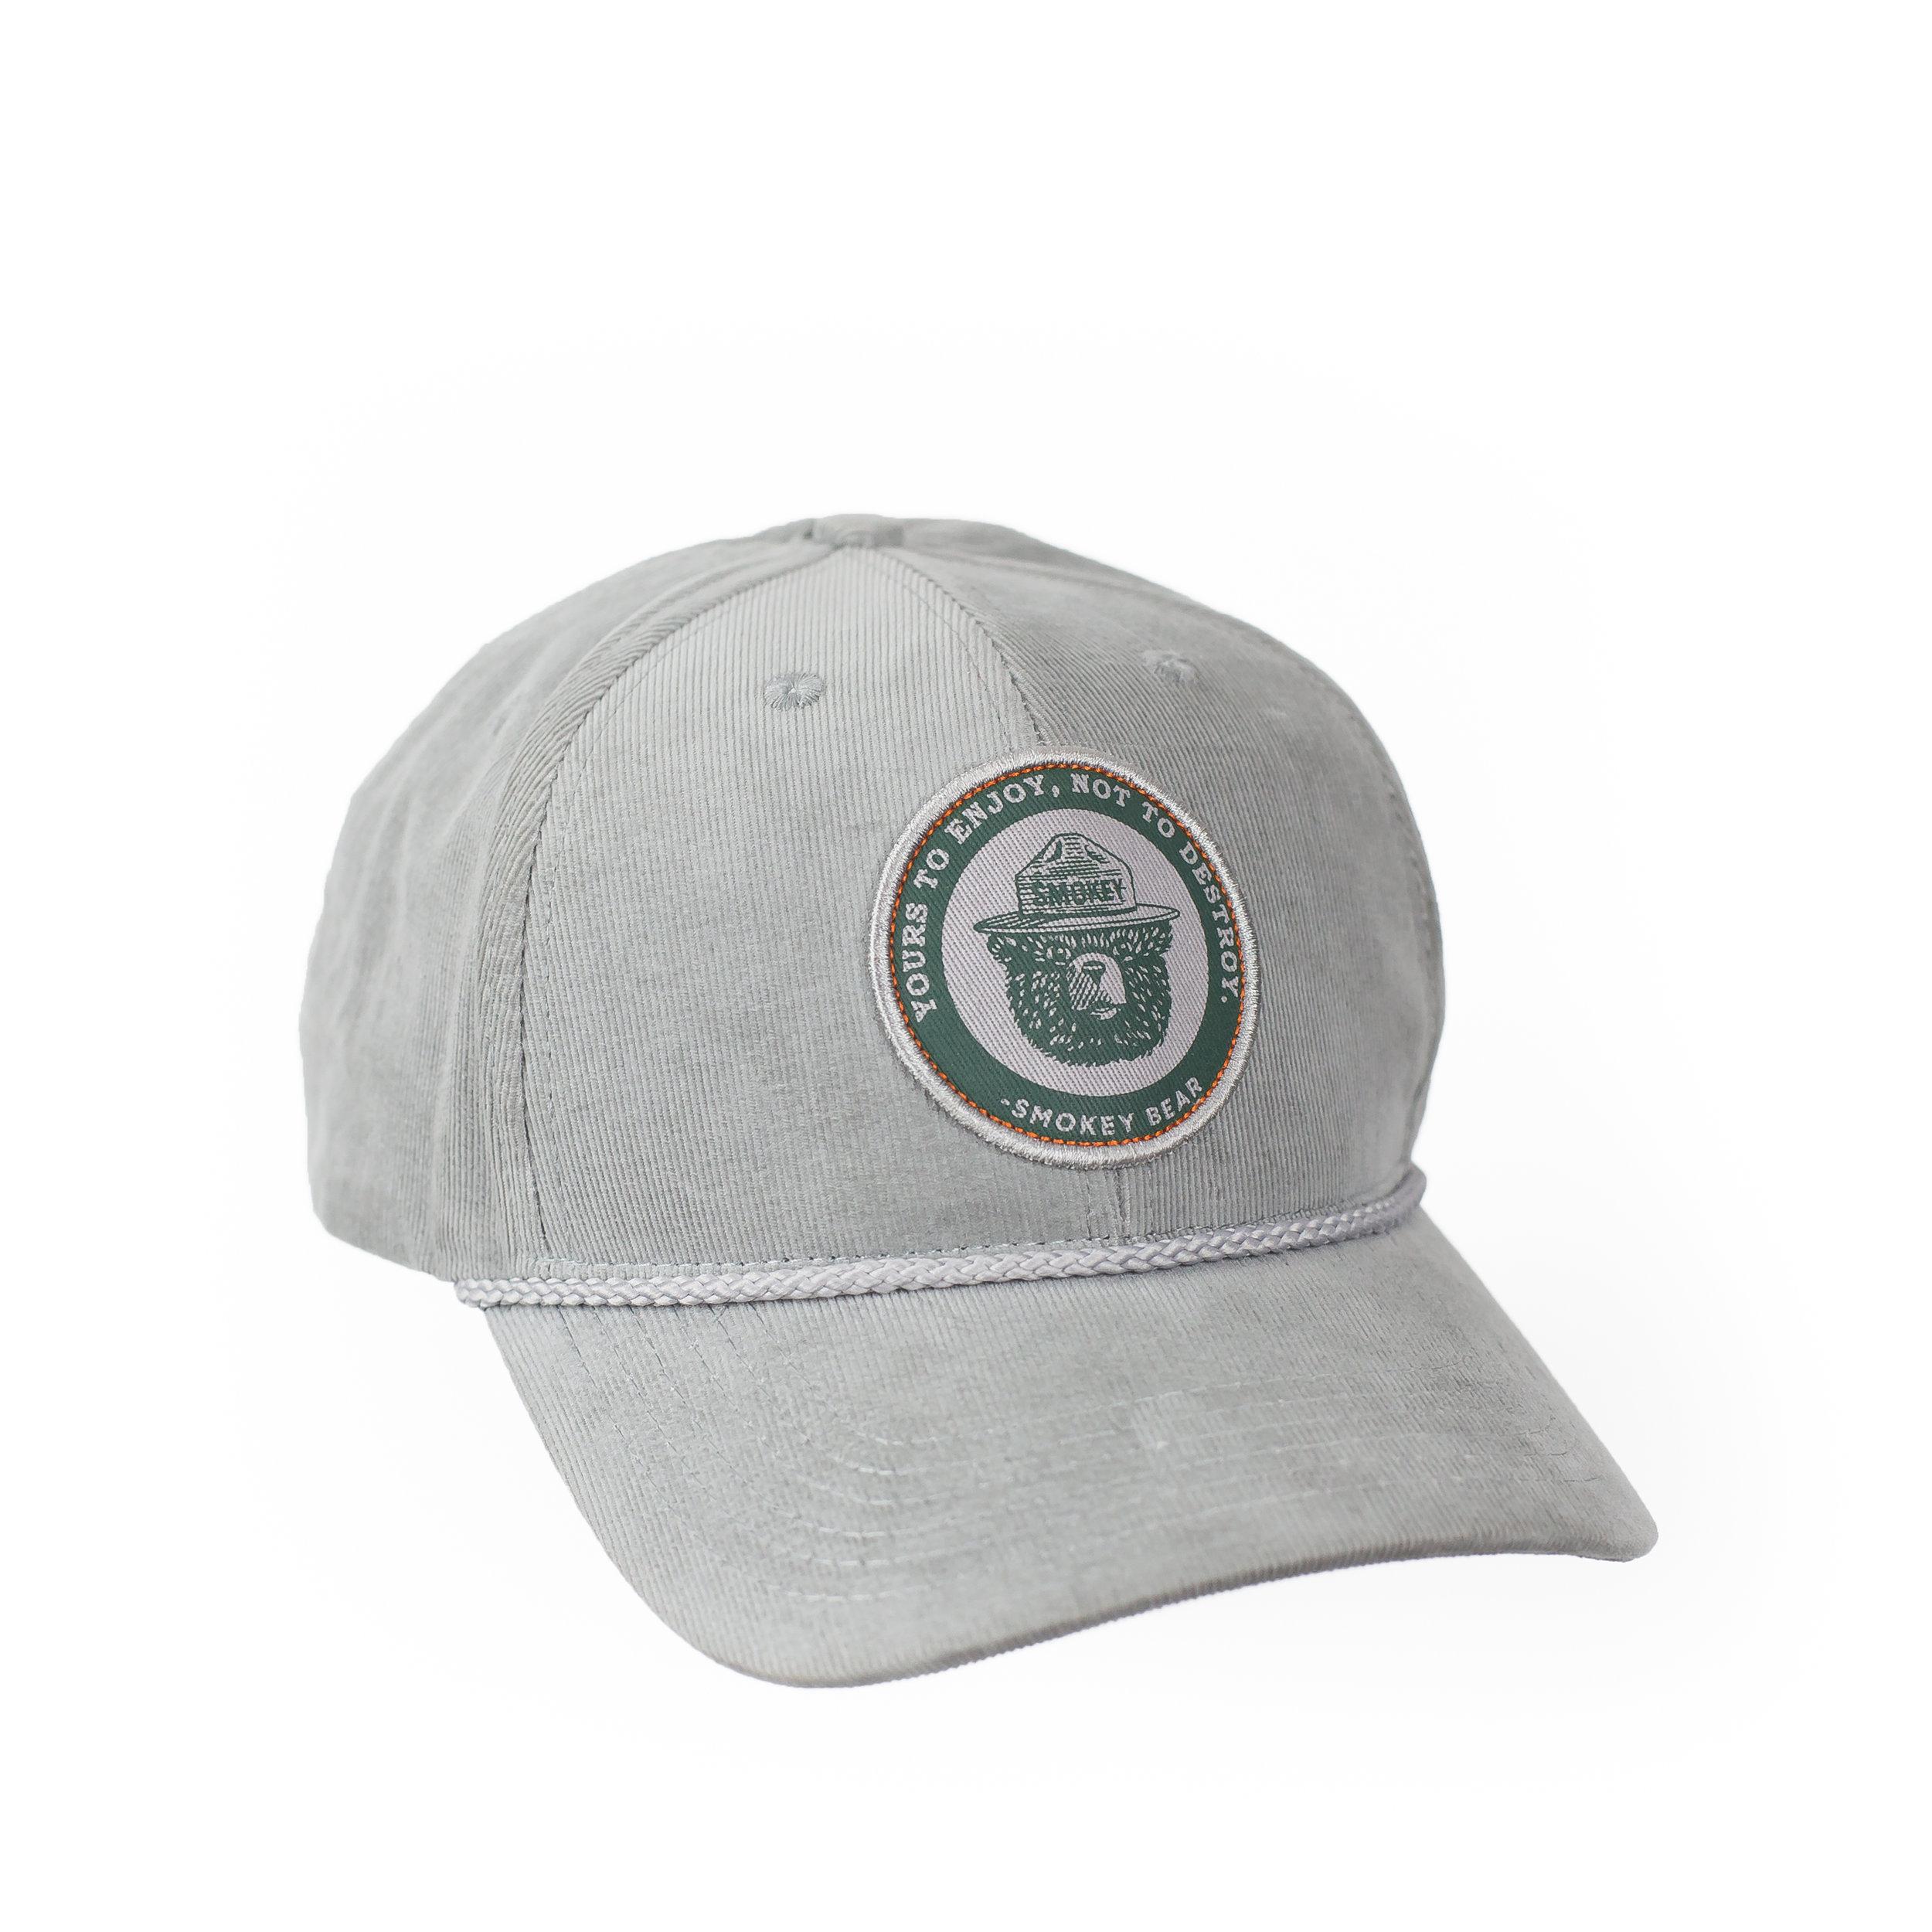 1322050001-corduroy-yourstoenjoy-hat-01.jpg